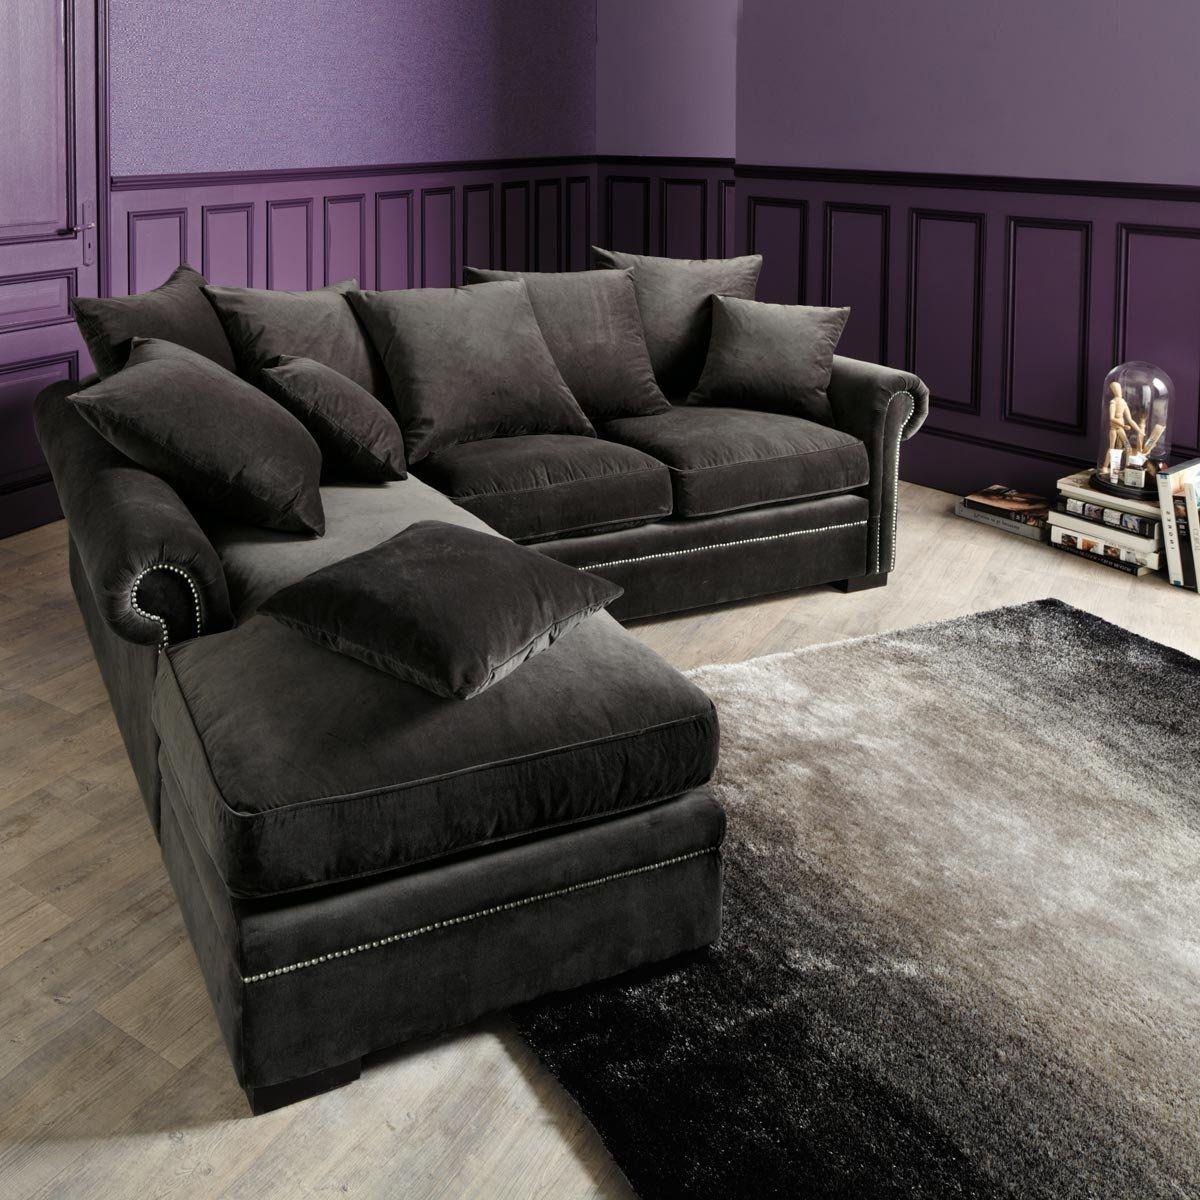 velvet sofas sectionals https menterarchitects com uncategorized rh pinterest com Oversized Deep Sectional Sofas velvet sofas and sectionals